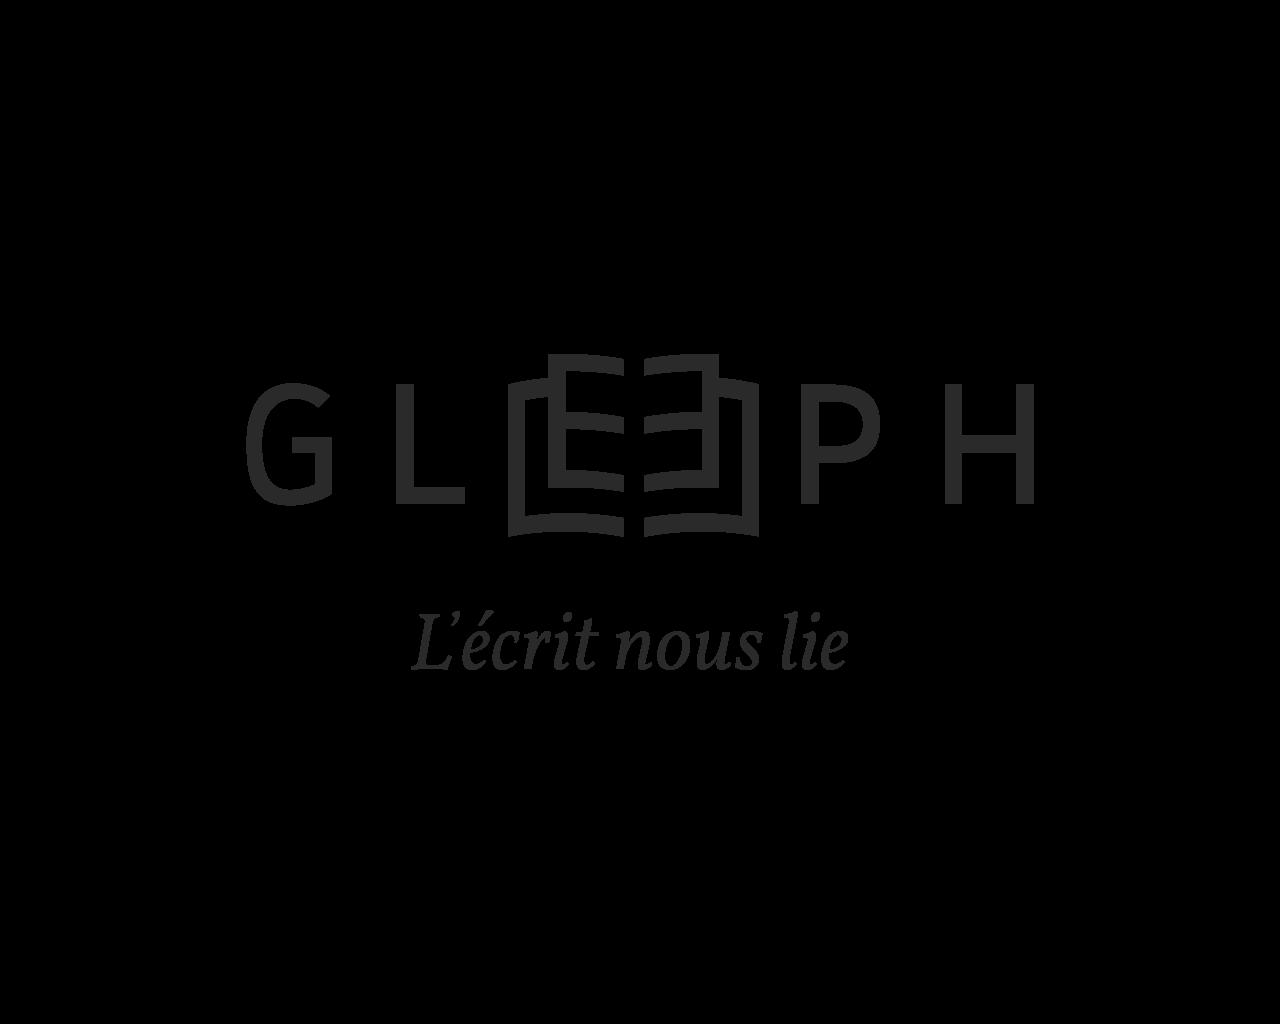 Gleeph-L'écrit nous lie